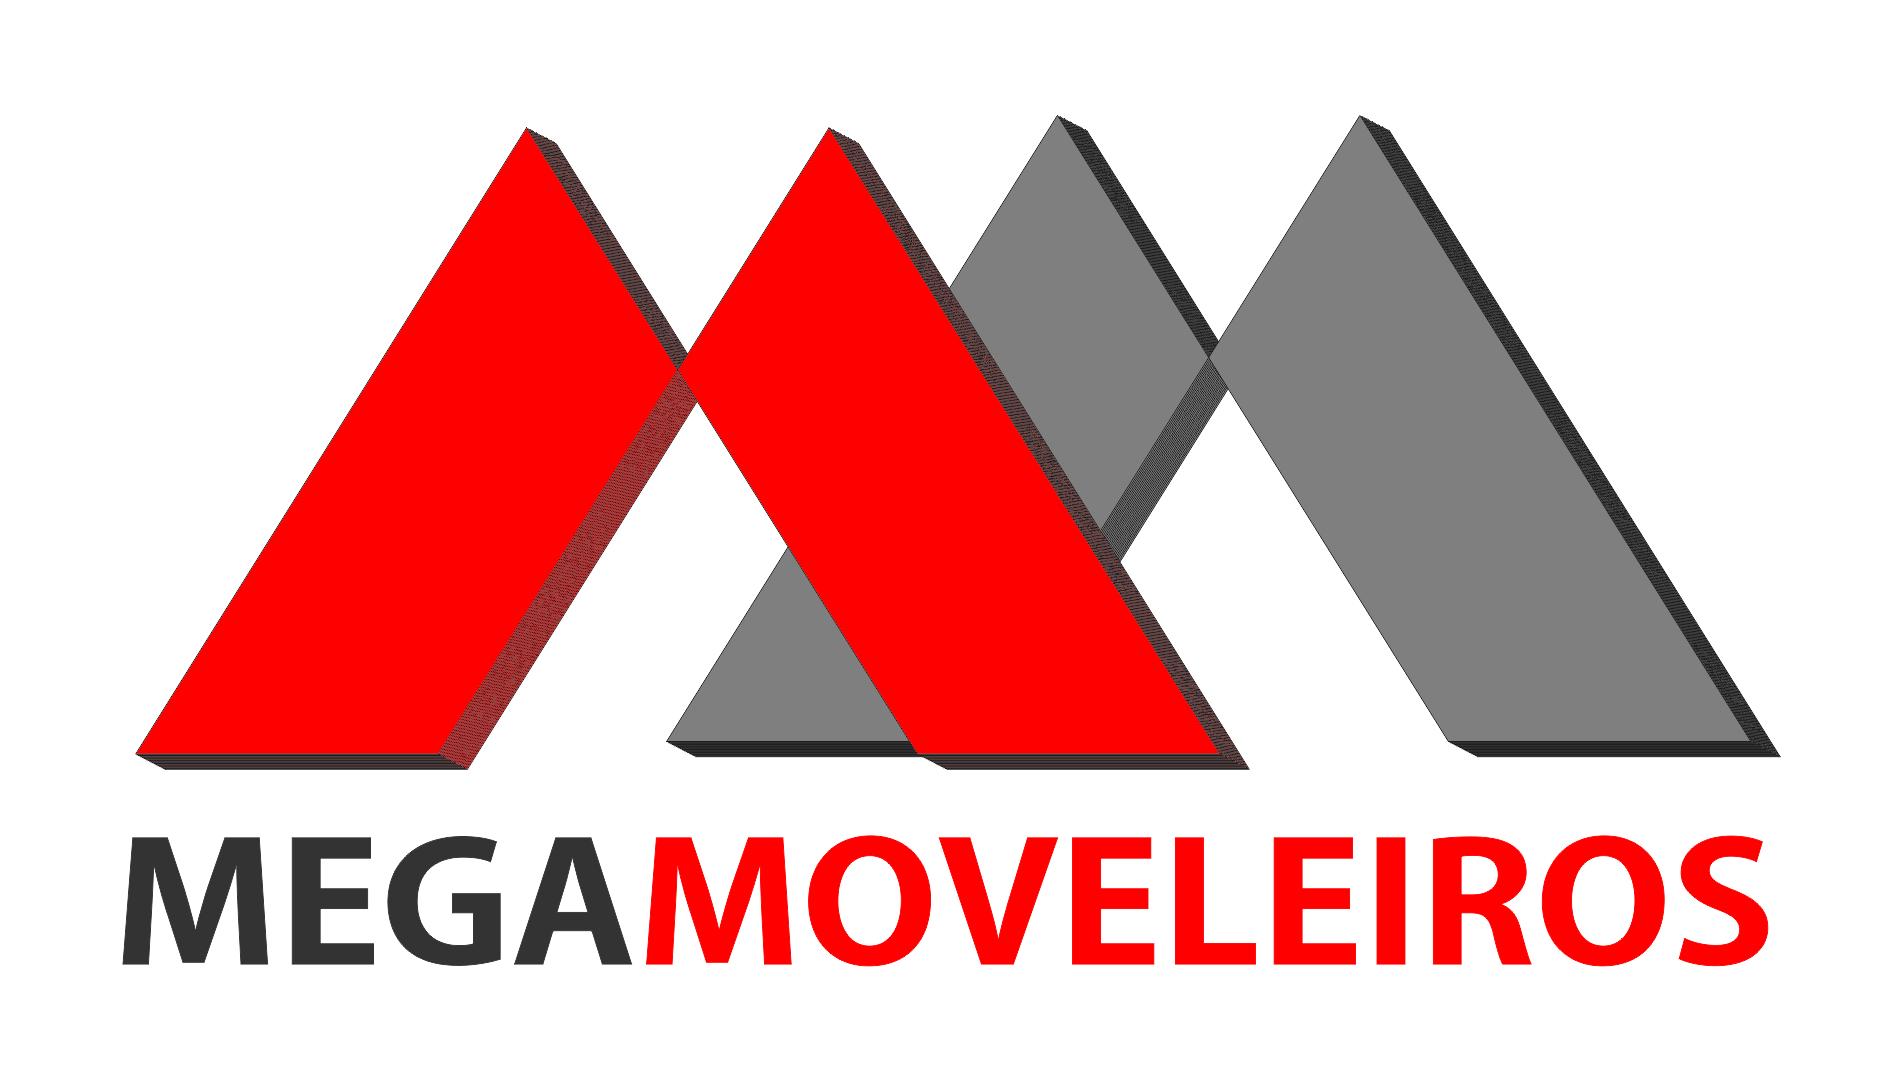 MEGA MOVELEIROS